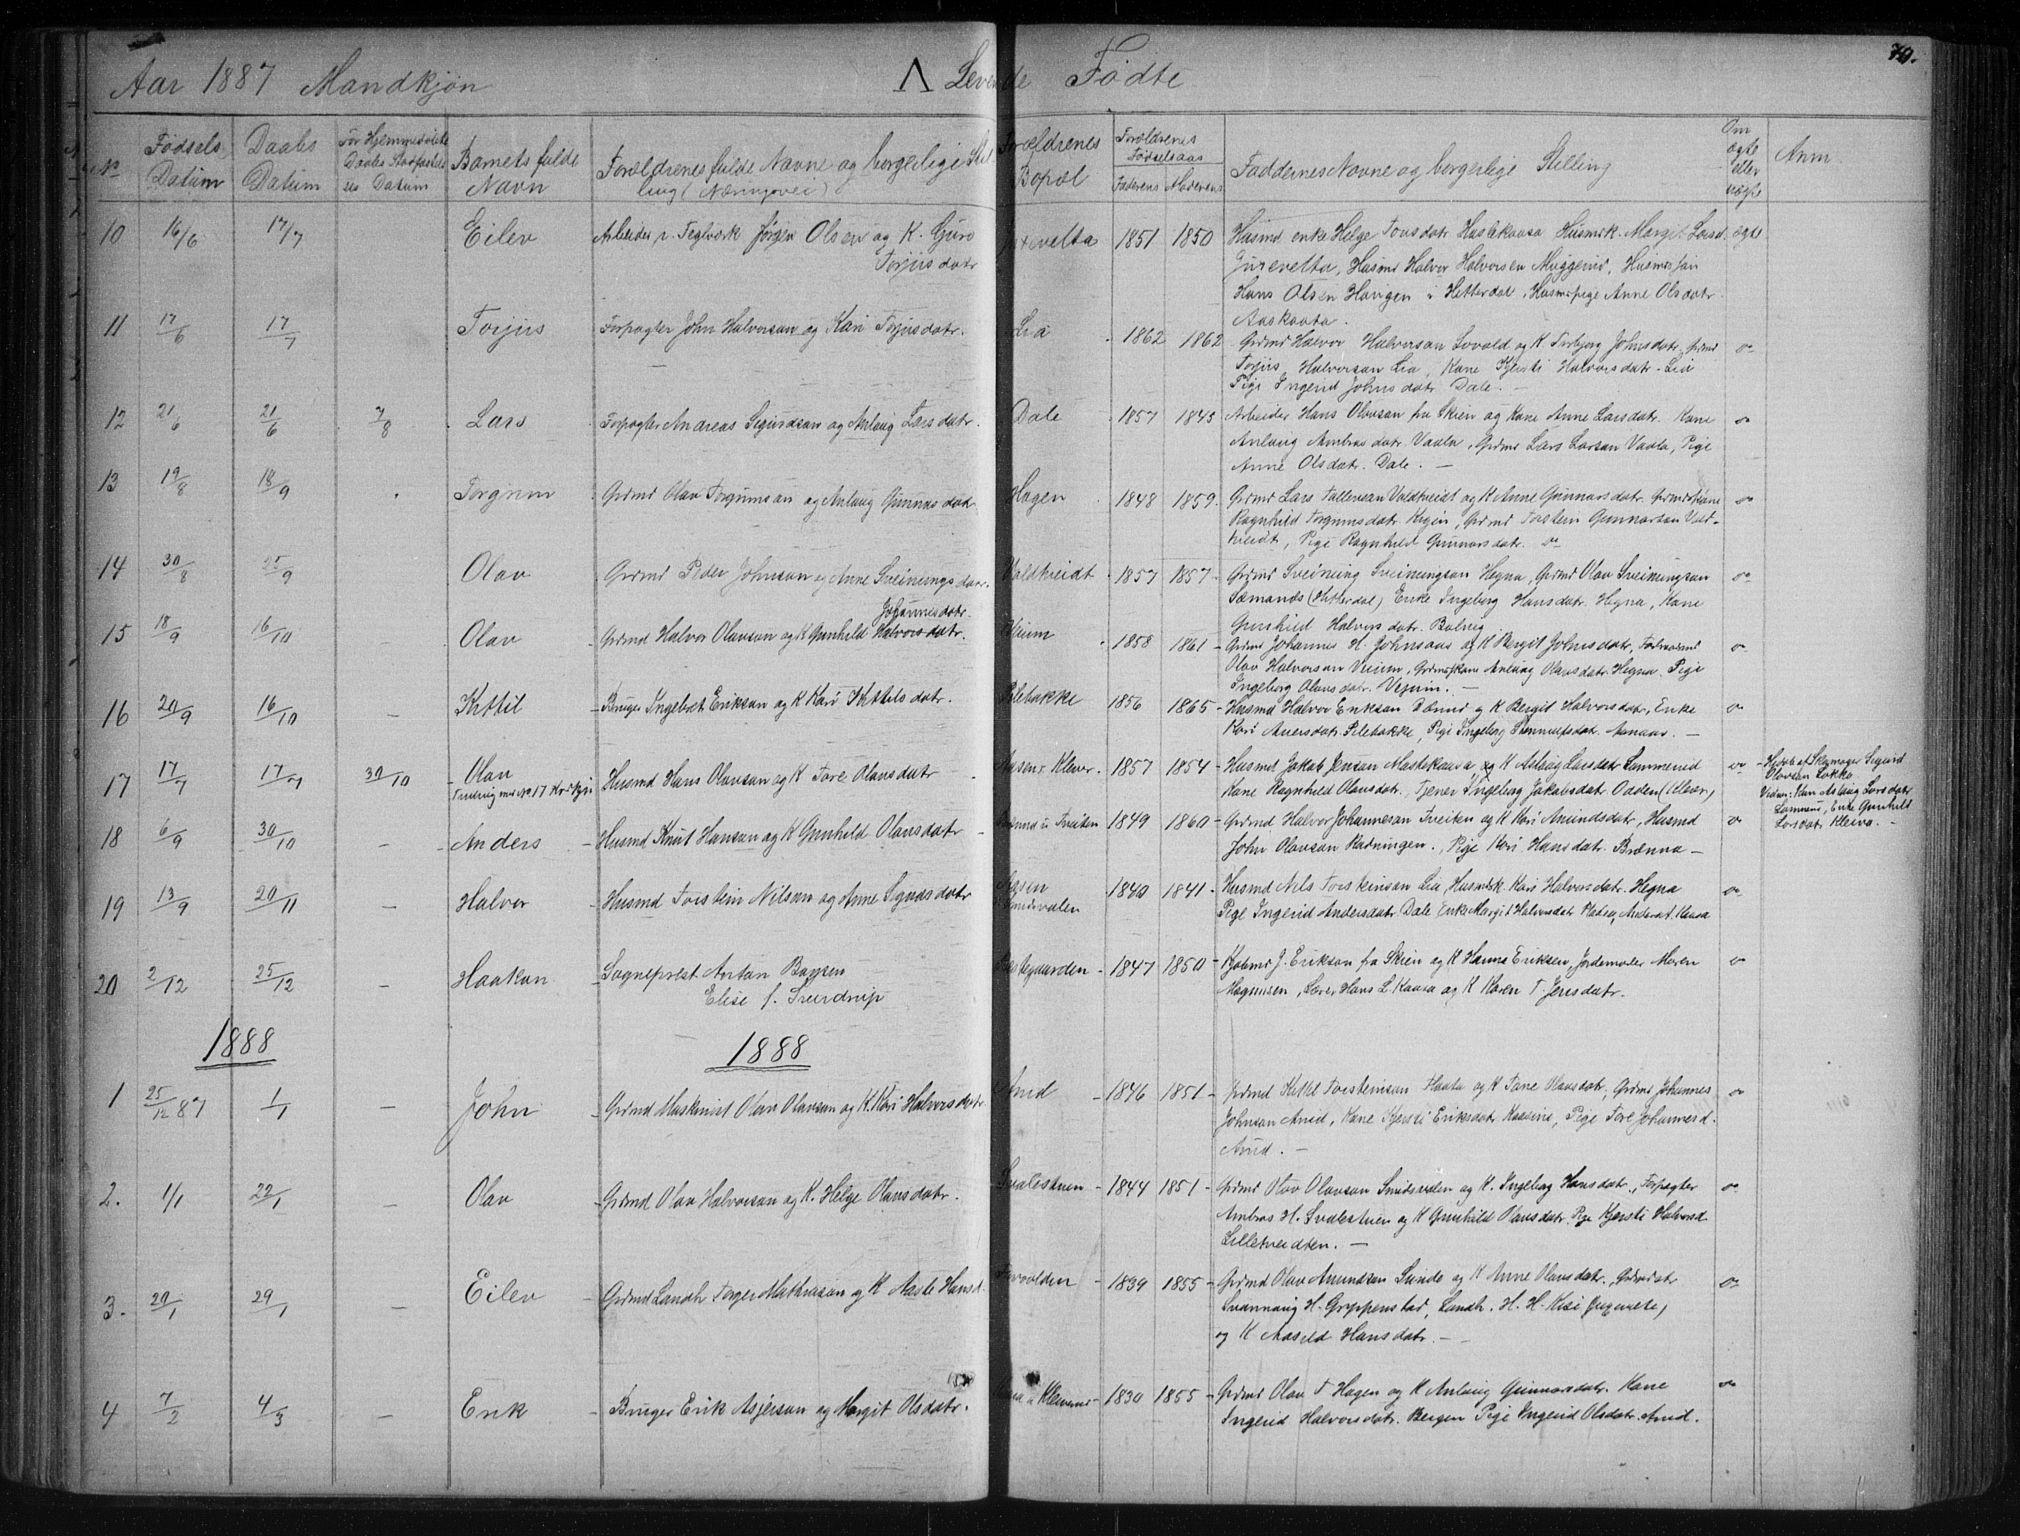 SAKO, Sauherad kirkebøker, G/Ga/L0003: Klokkerbok nr. I 3, 1866-1905, s. 70